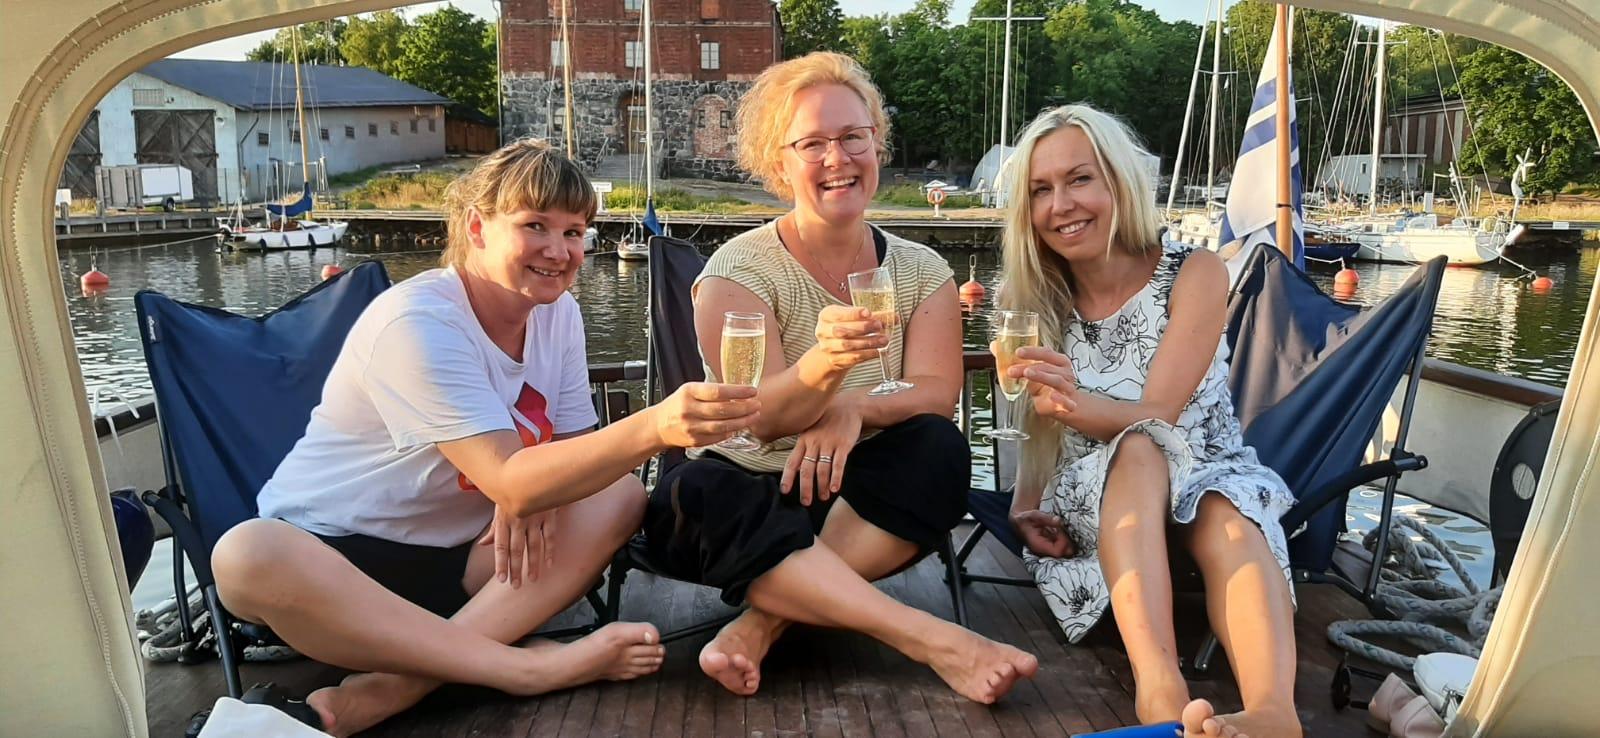 The Dream Team - Taru, Sanna & Päivi istuvat laivan kannella.